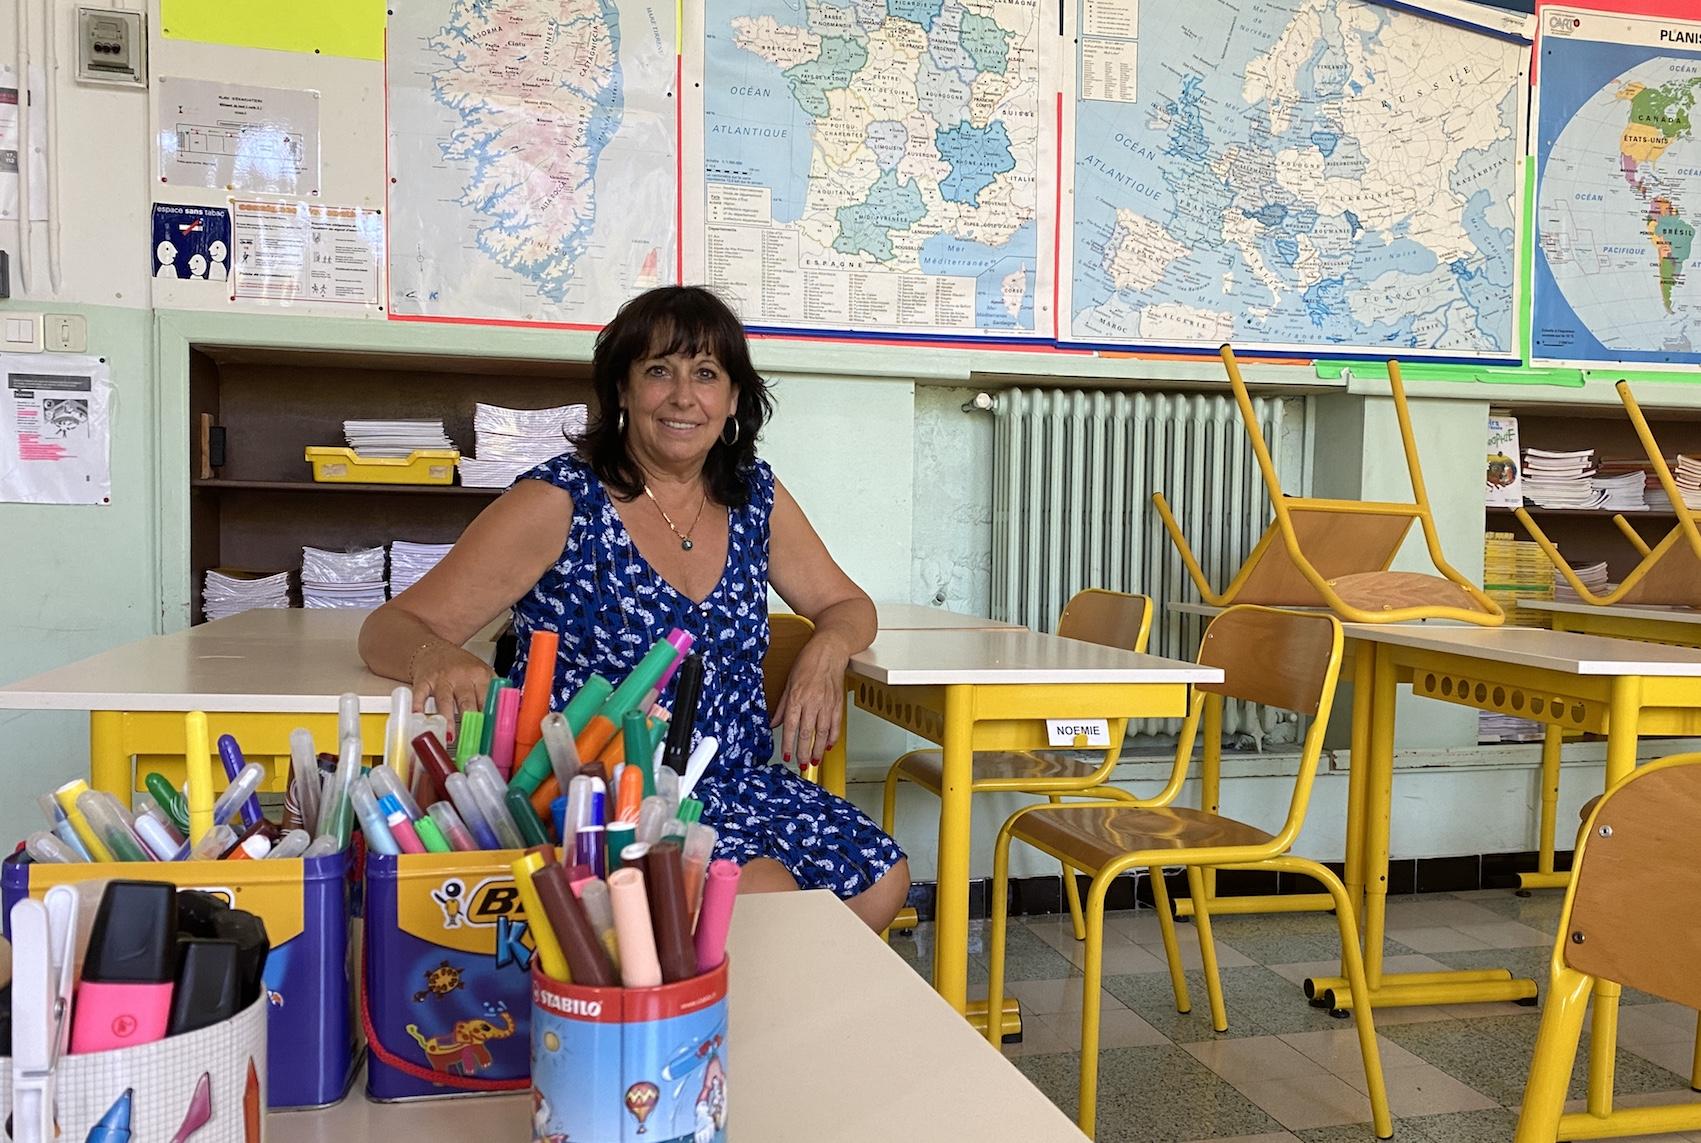 Michelle Mauny, directrice de l'école Charpak.